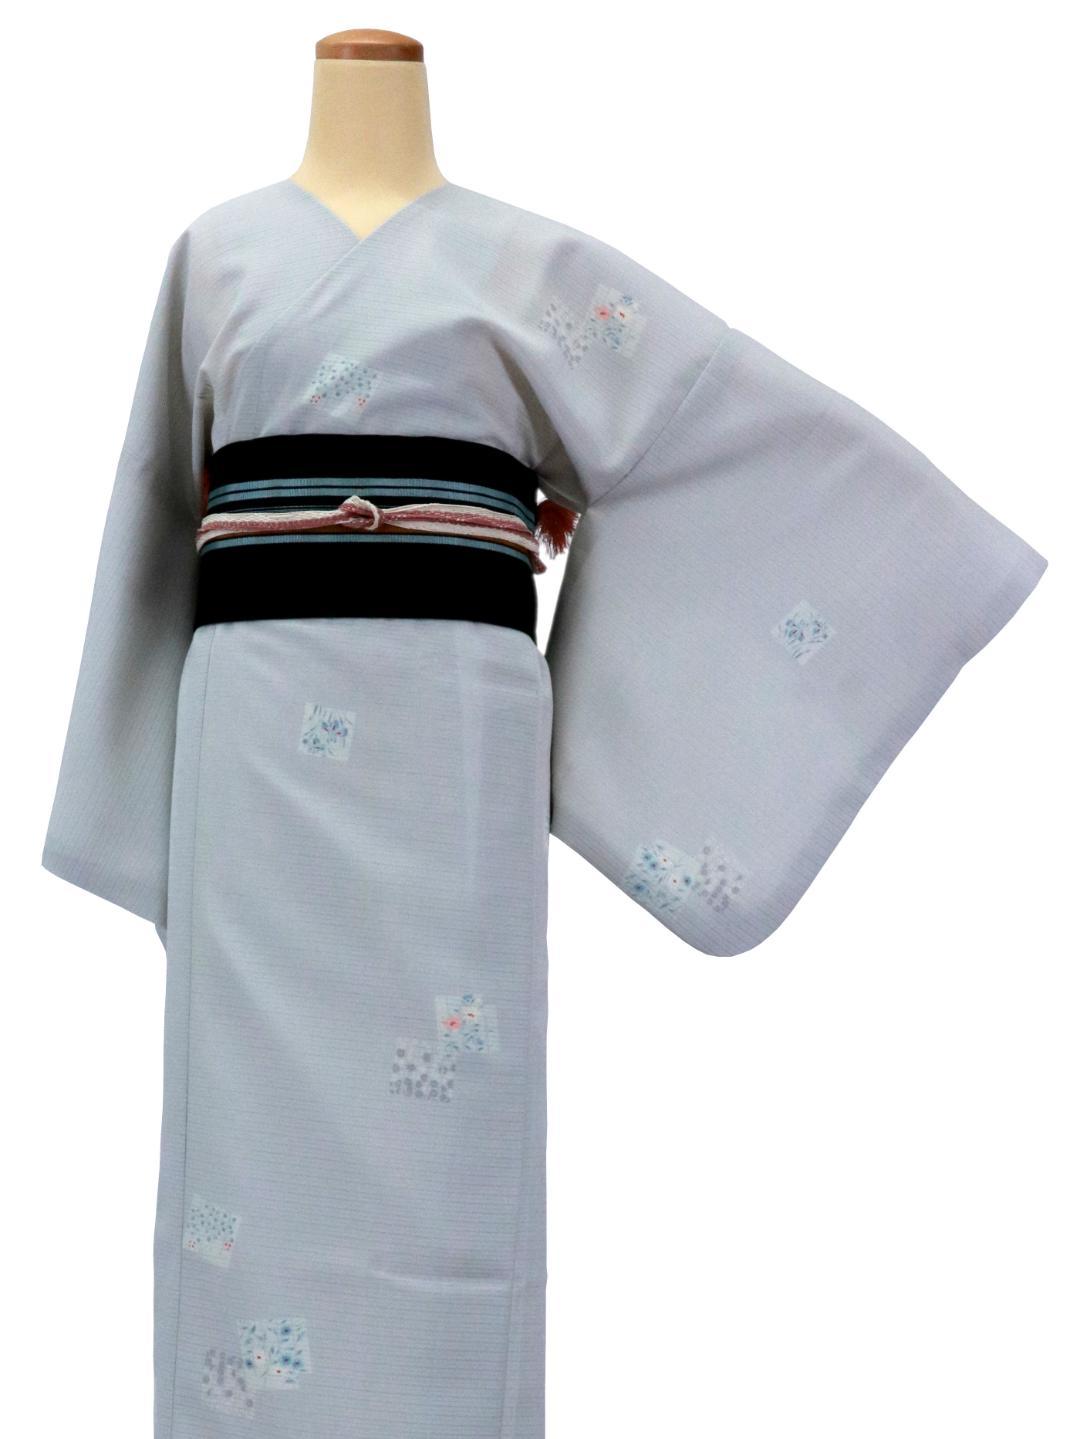 【日本製】 単品(衿なし)高級夏着物 絽 [薄黄緑系][N042][STサイズ]画像